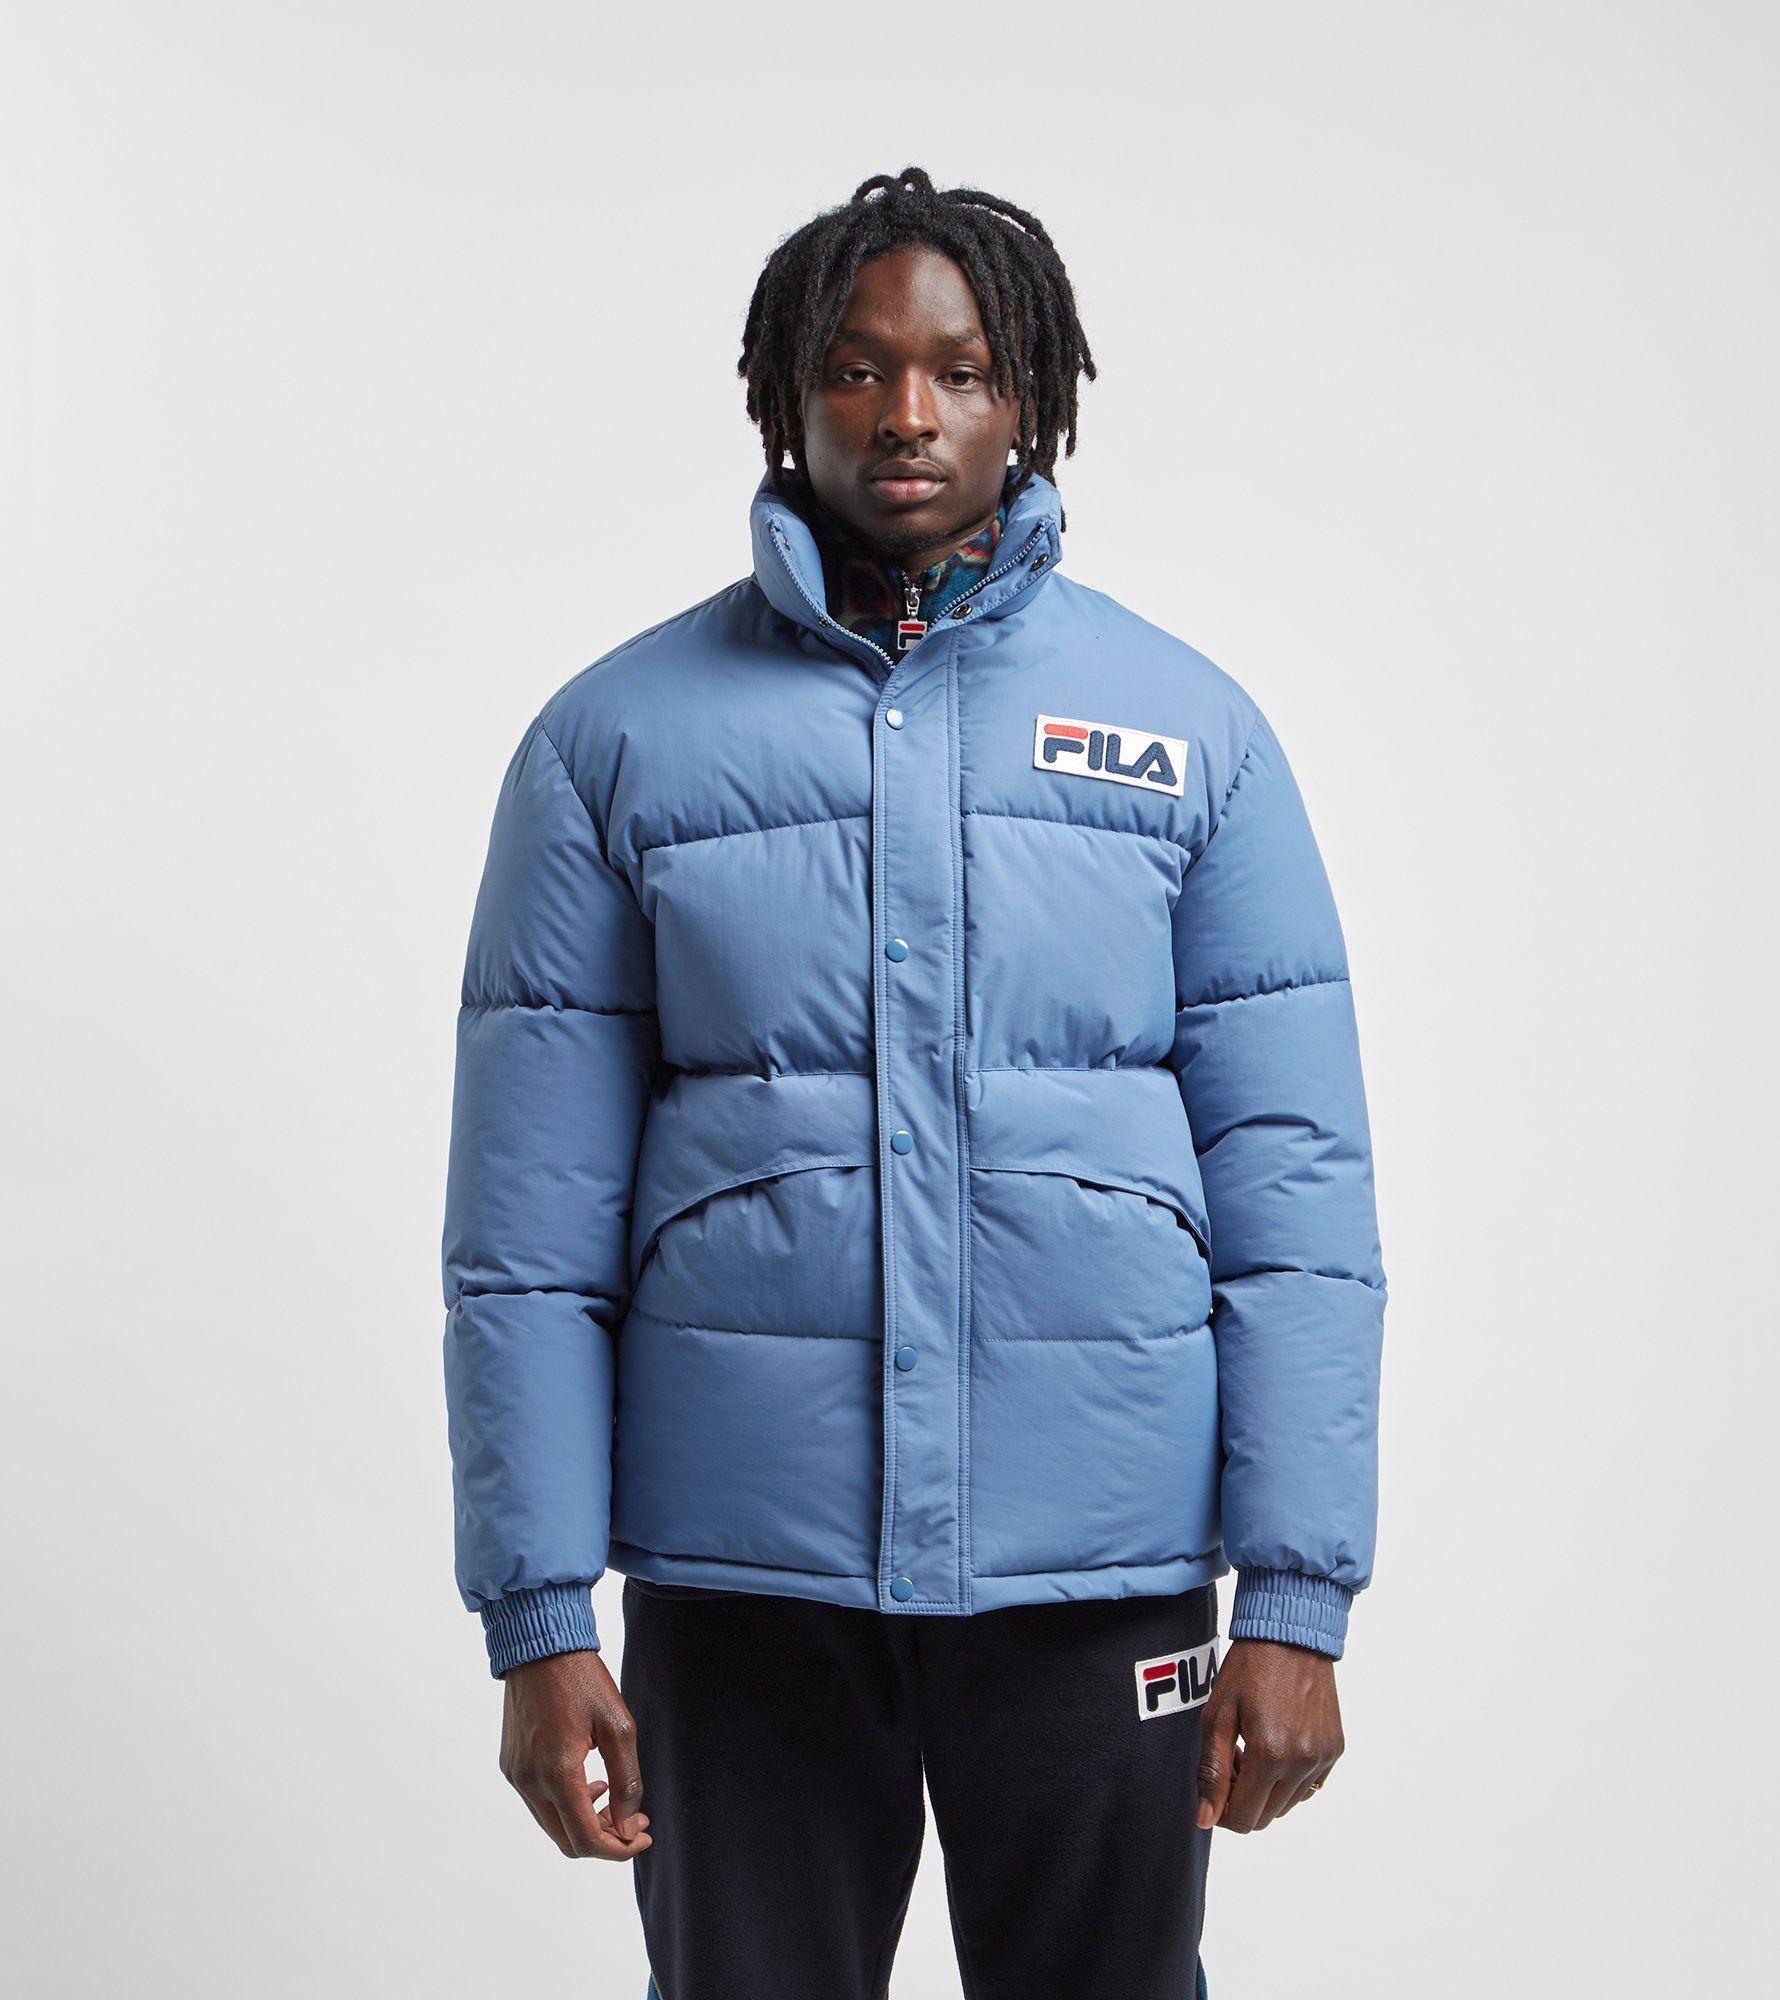 Fila Nanga Jacket - size? Exclusive